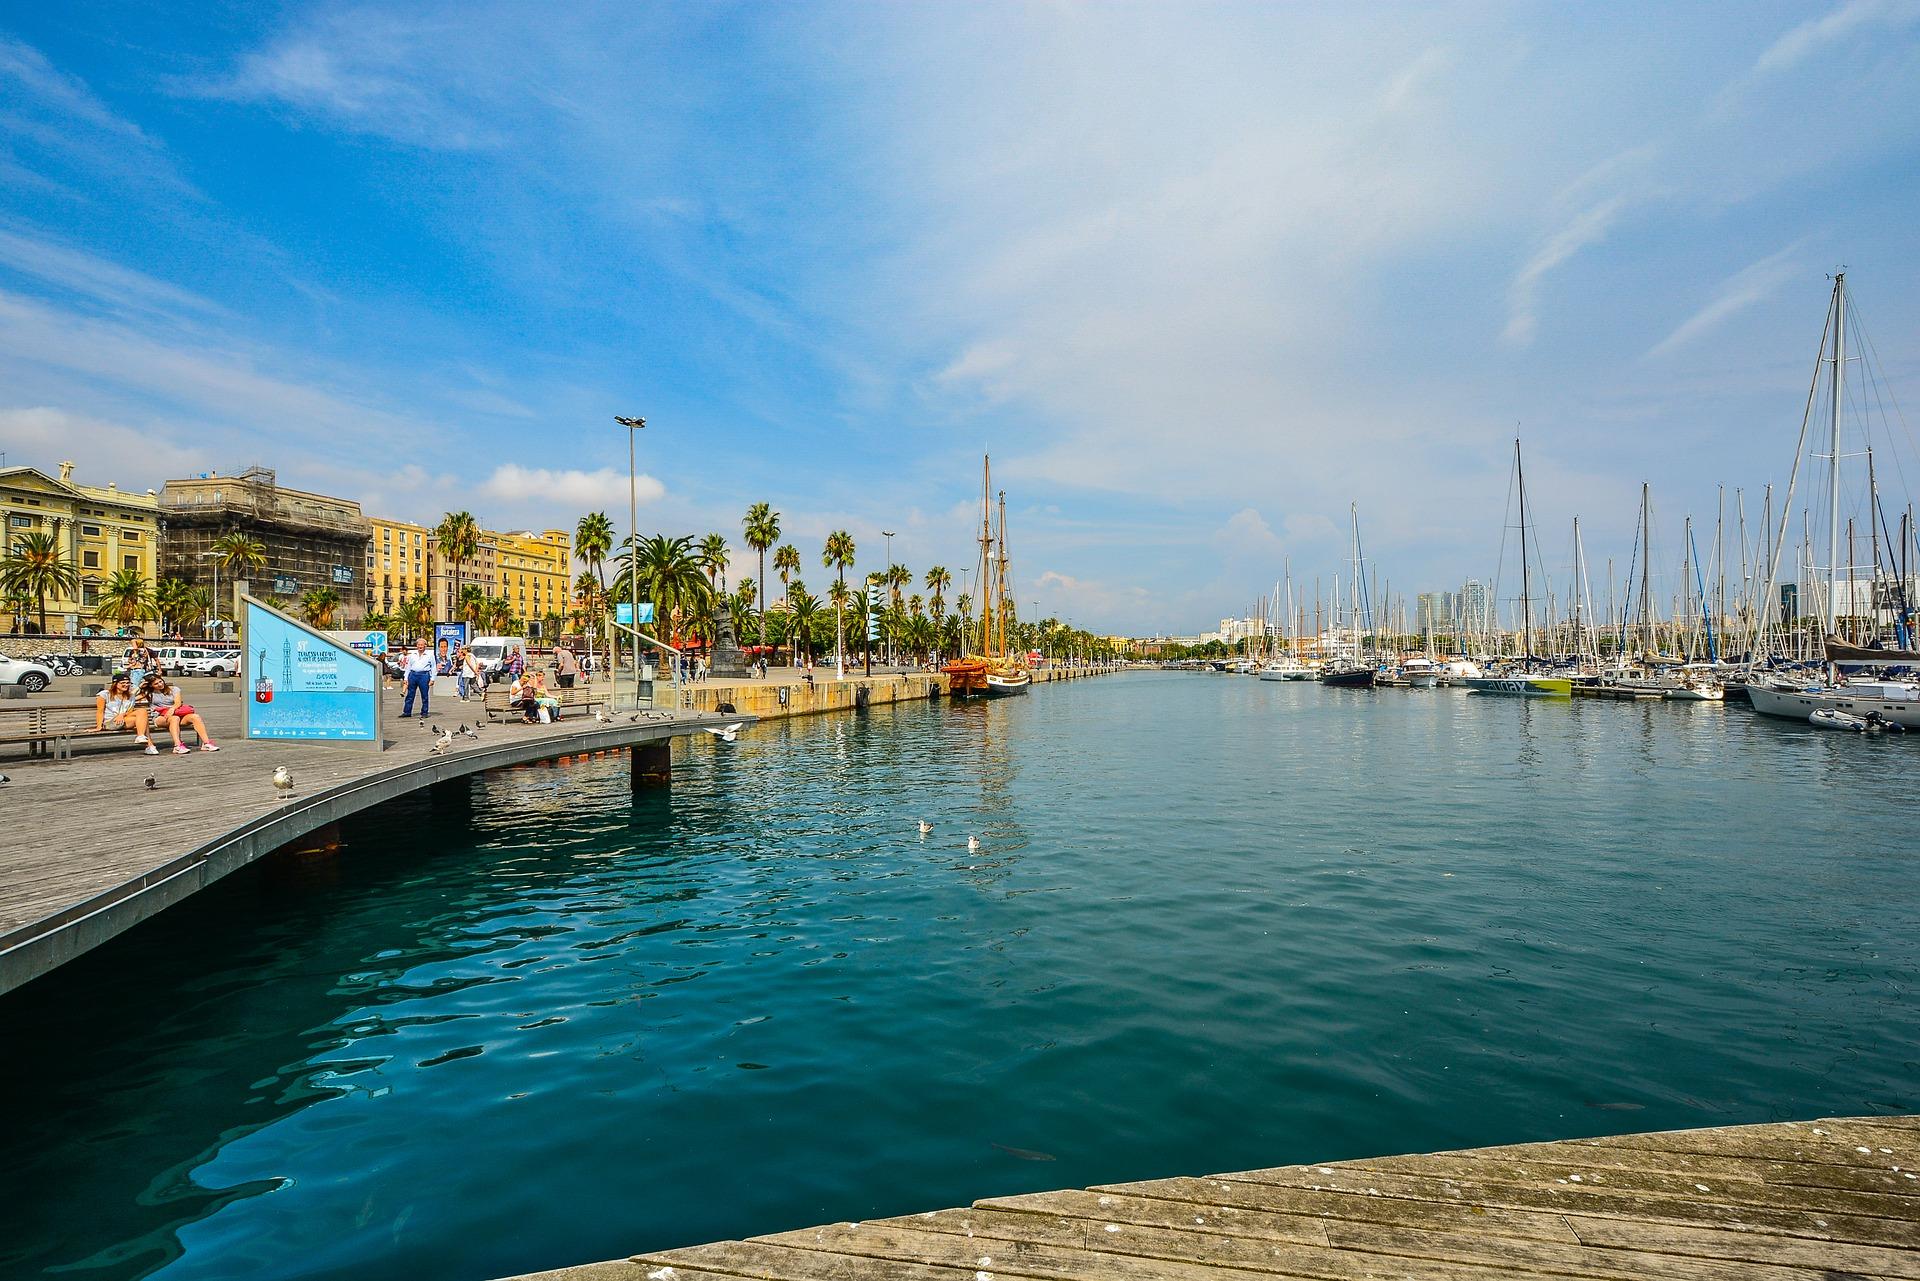 Das beliebteste Viertel in Barcelona ist am Hafen- hier ist zur jeder Uhrzeit was los hinter dem Hafen findet Ihr das Nachtleben der Metropole